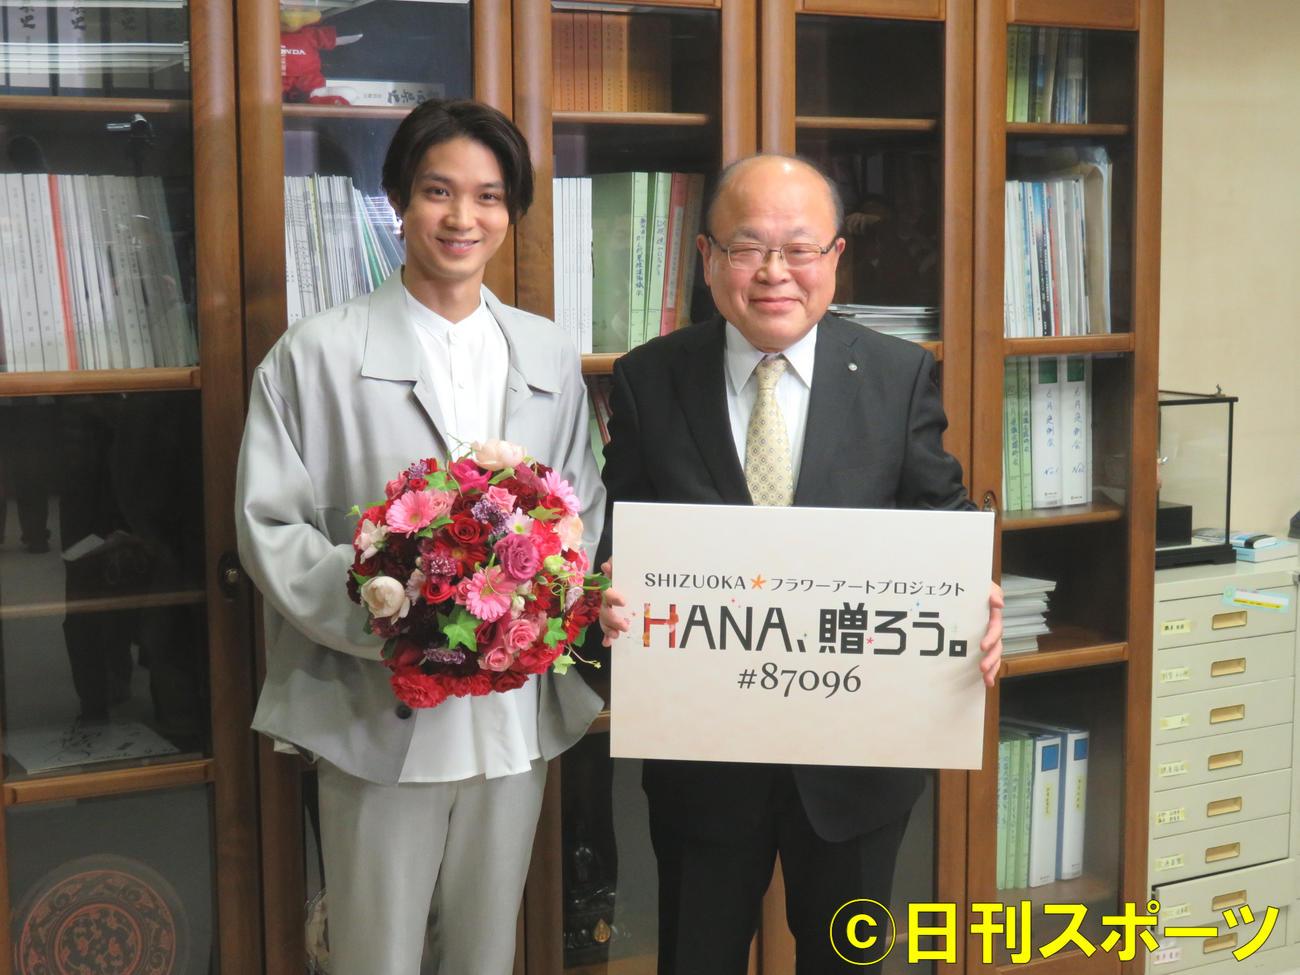 俳優磯村勇斗(左)は静岡県庁を表敬訪問し、出野勉副知事と「県産の花を贈ろう」キャンペーンをPR